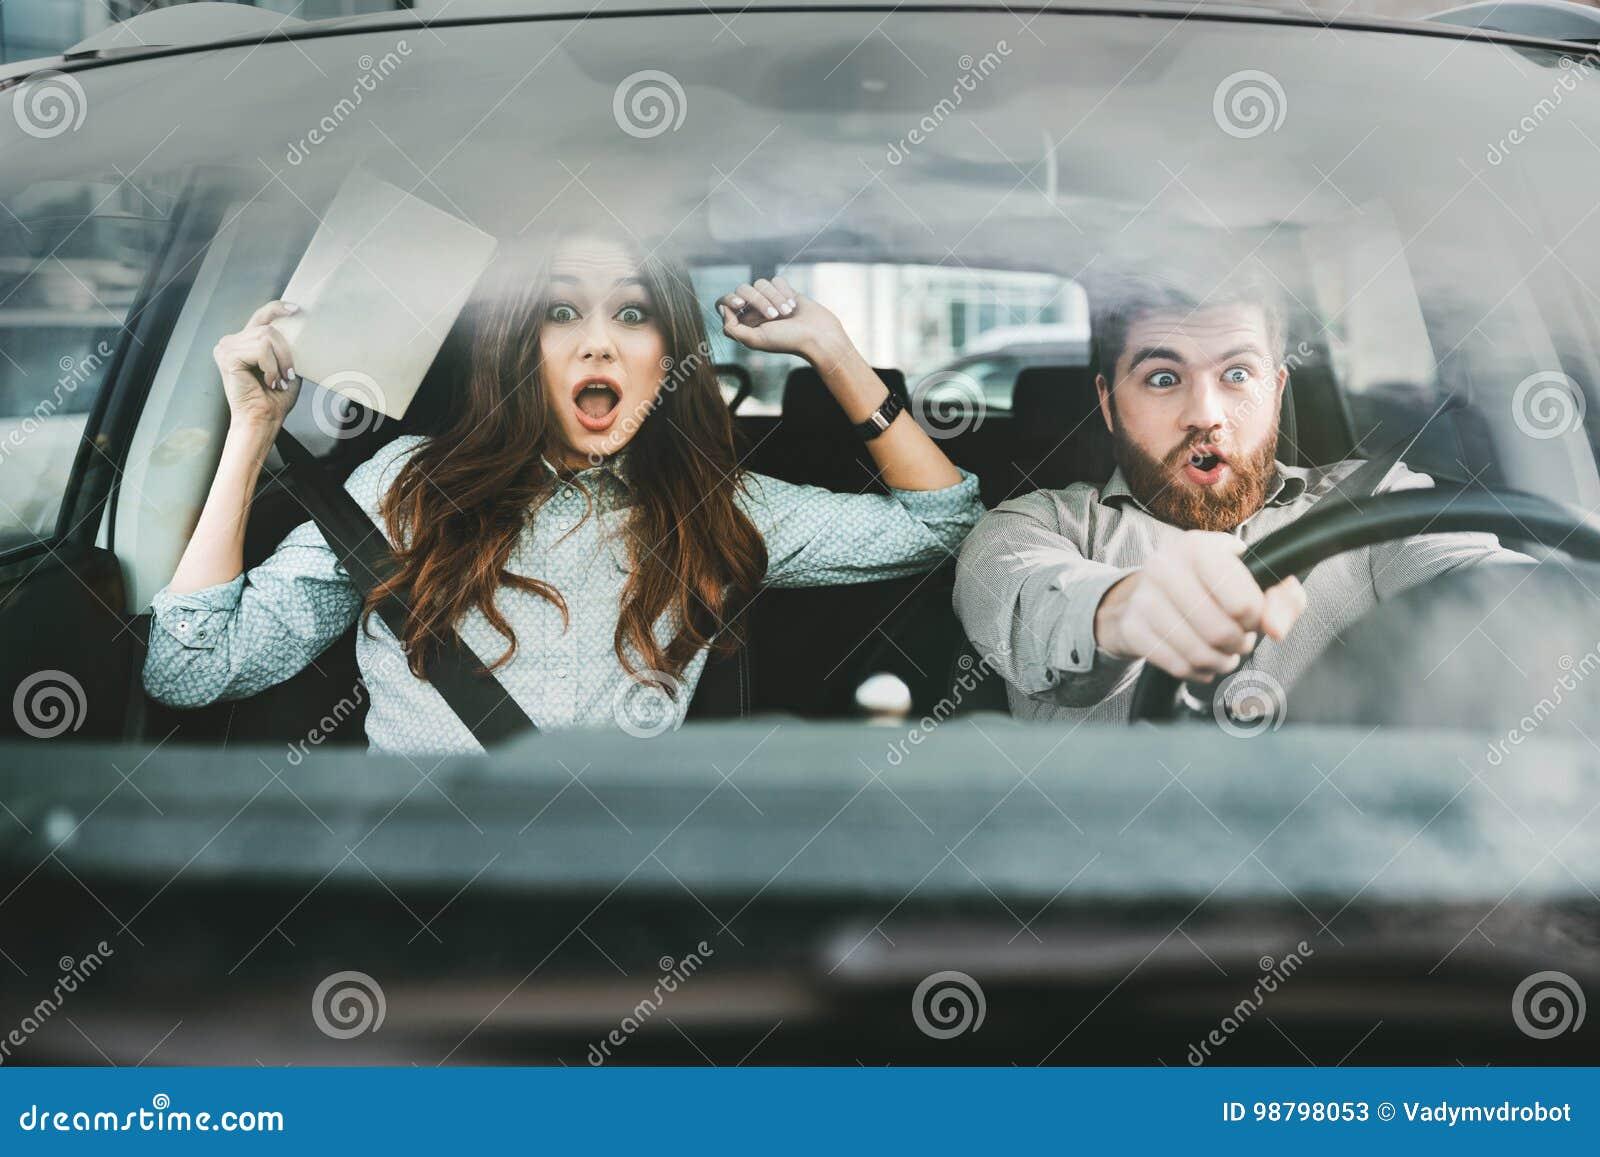 Doen Schrikken Paar In Auto Stock Afbeelding Afbeelding Bestaande